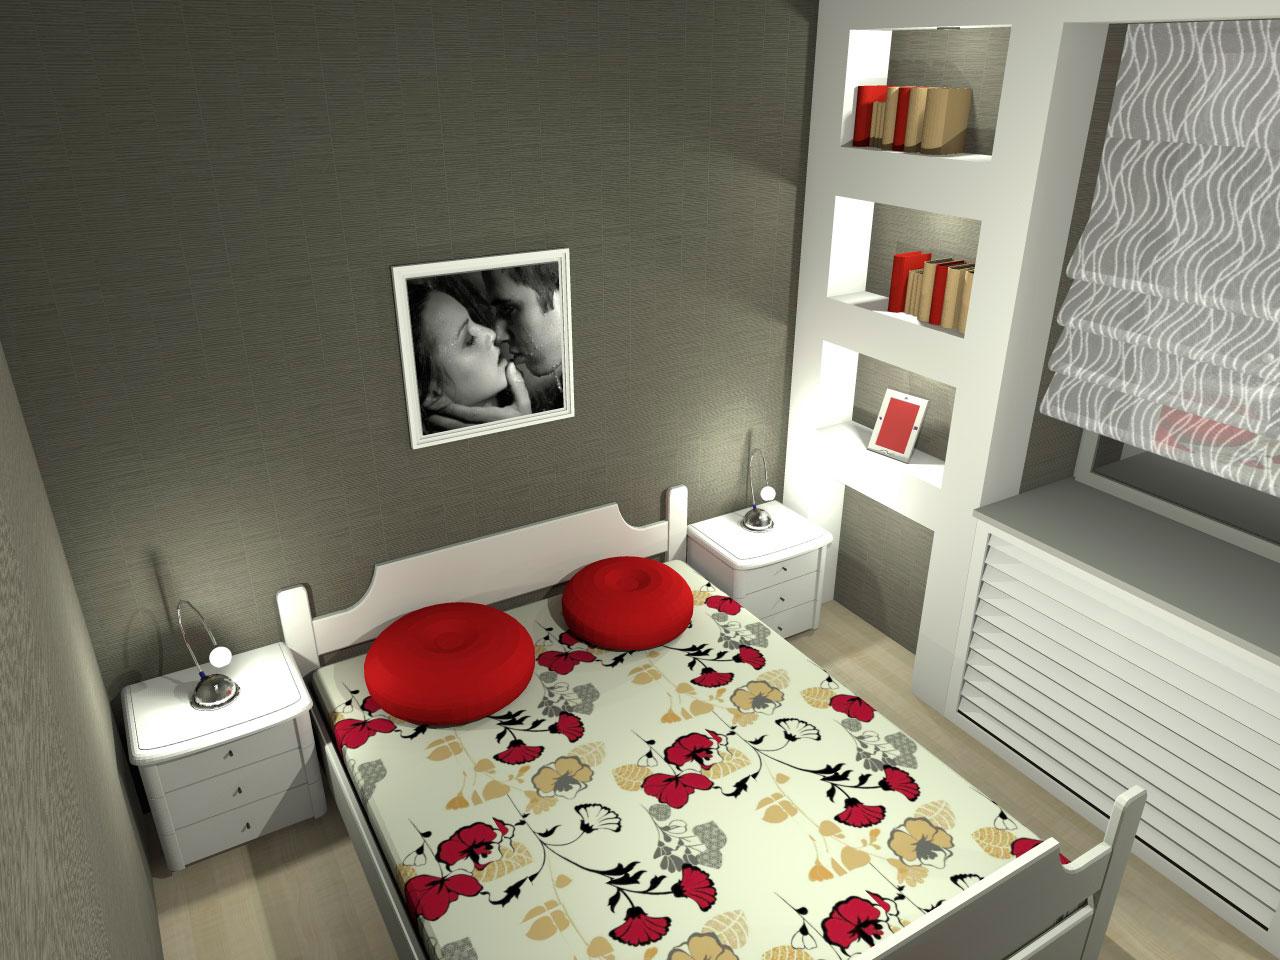 Разработка проектов интерьеров - Интерьер спальни